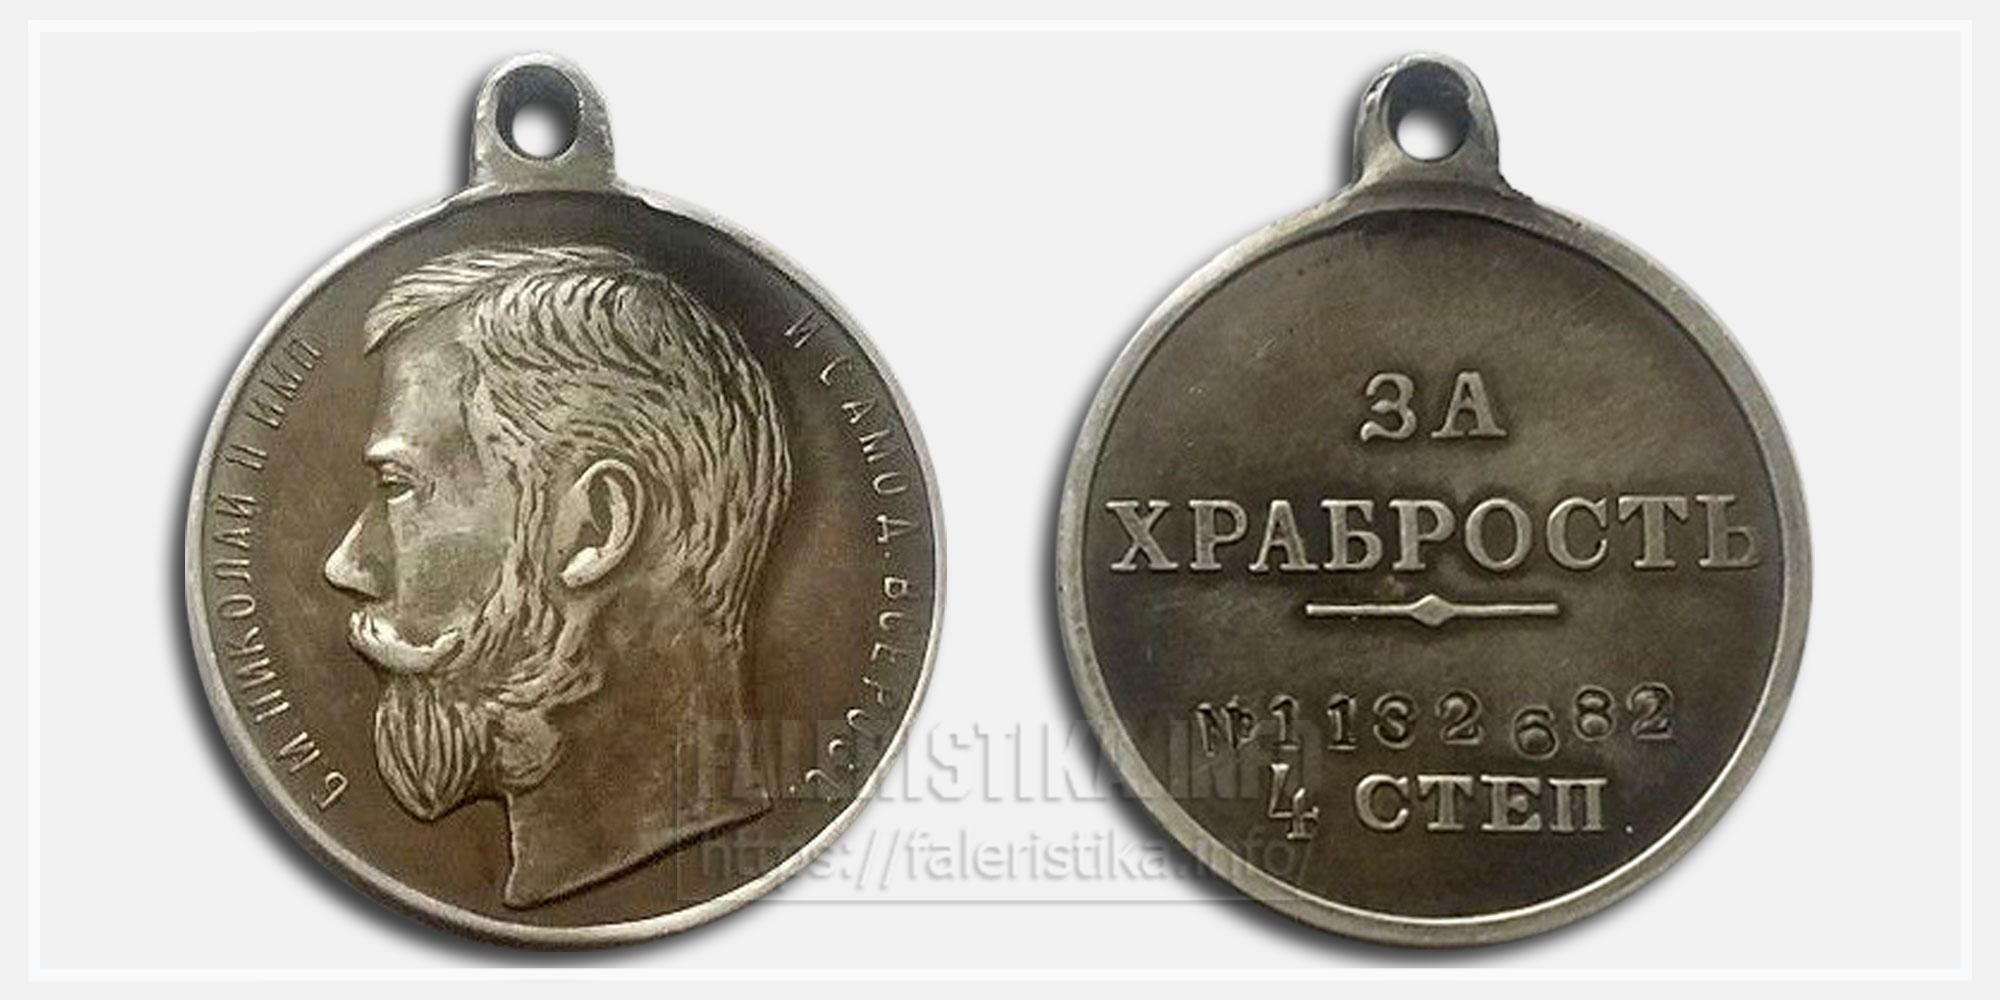 """Медаль """"За храбрость"""" 4 ст. №1132682 (копия)"""